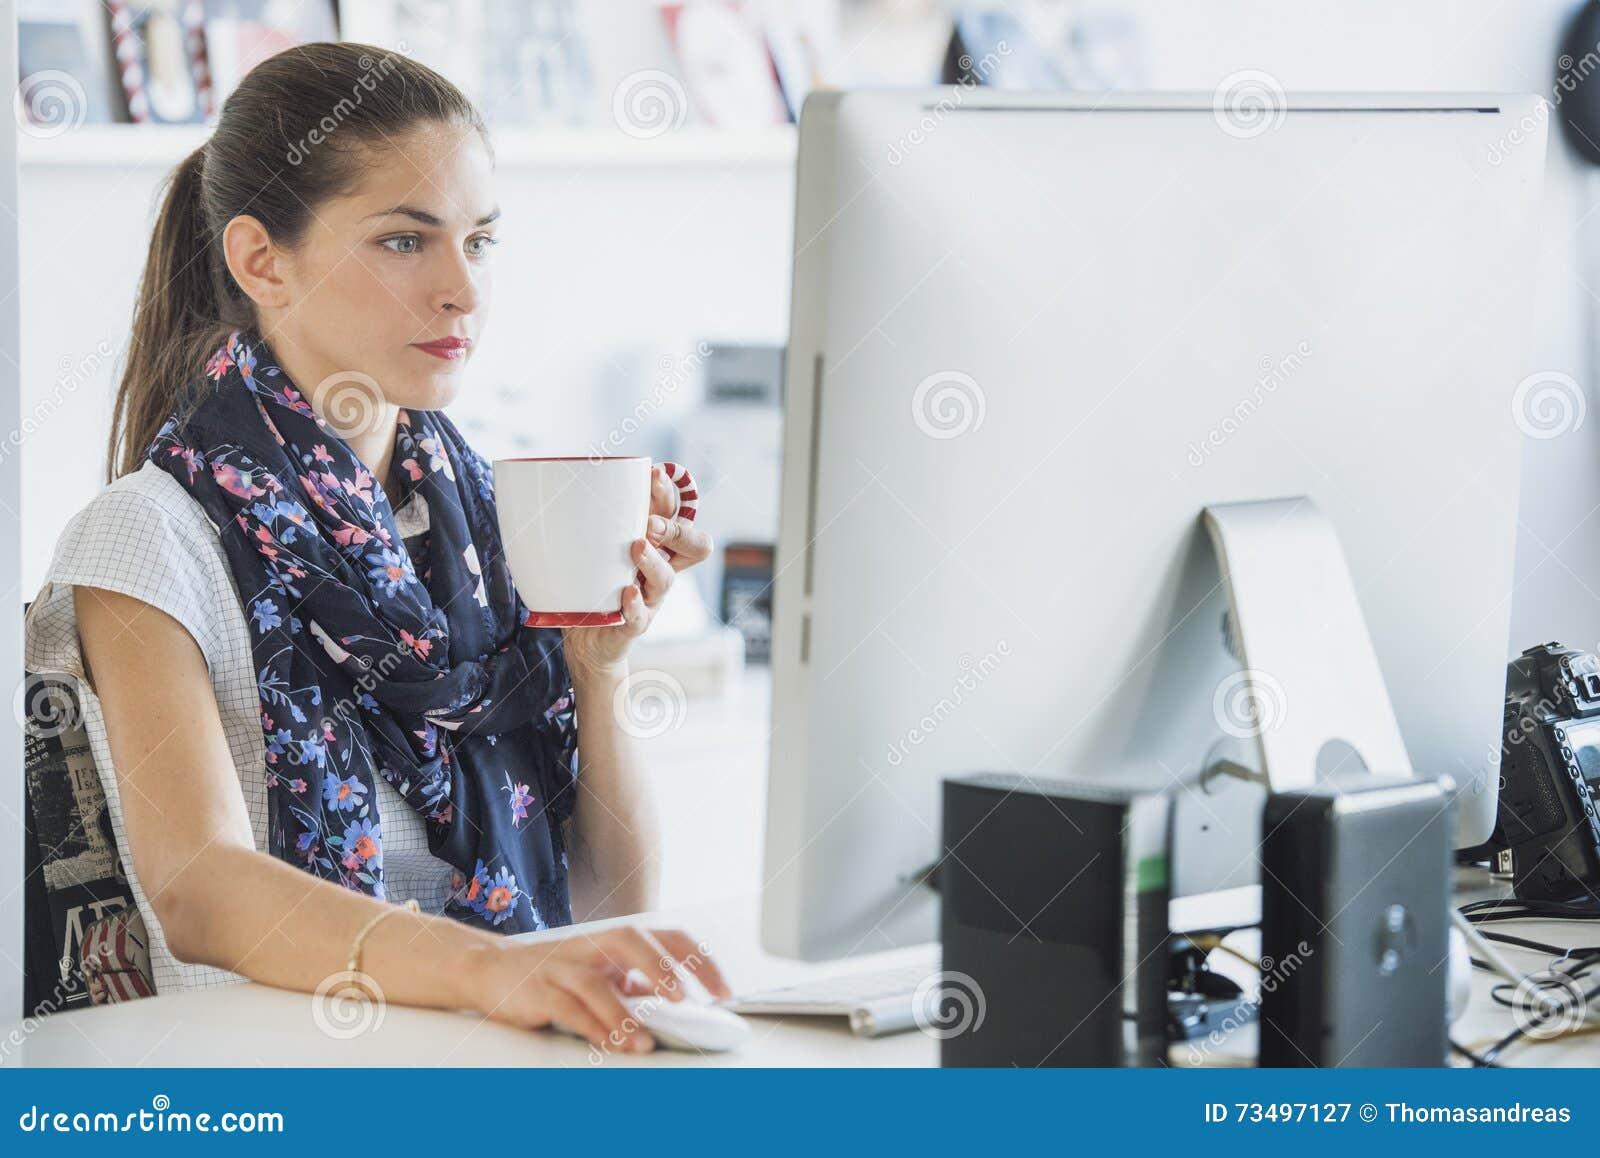 Профессионал женщины использует компьютер выпивая напиток